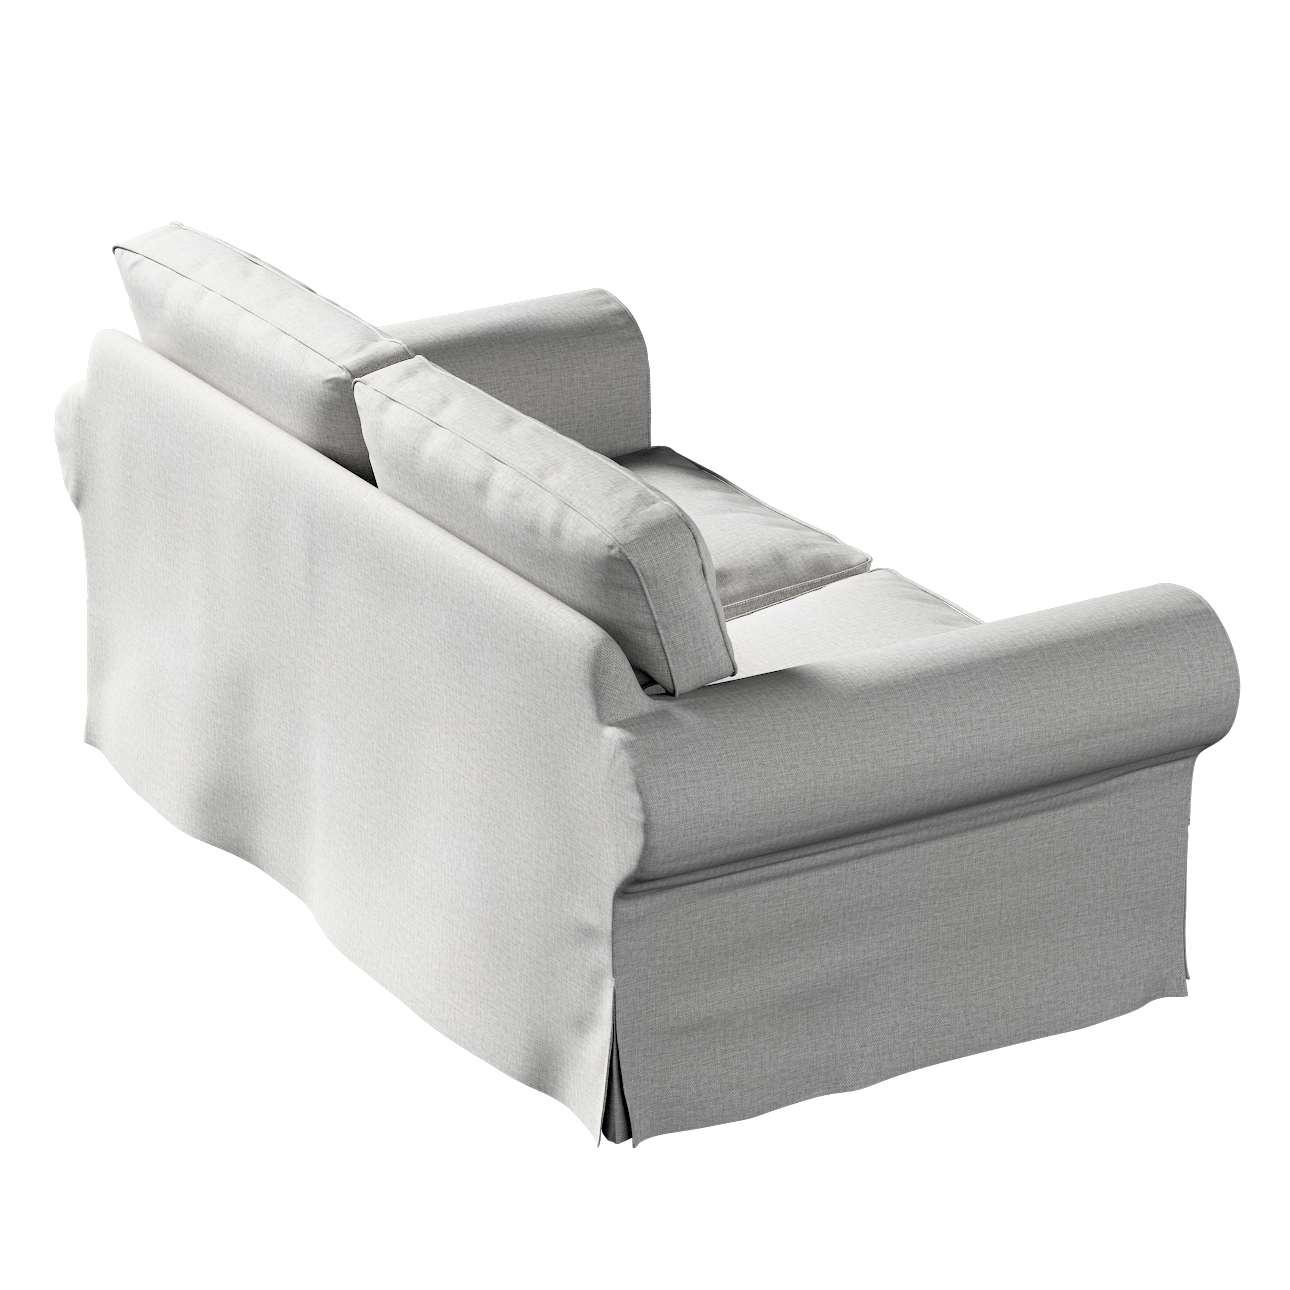 Poťah na sedačku Ektorp (rozkladacia, pre 2 osoby) STARÝ MODEL V kolekcii Living 2, tkanina: 160-89